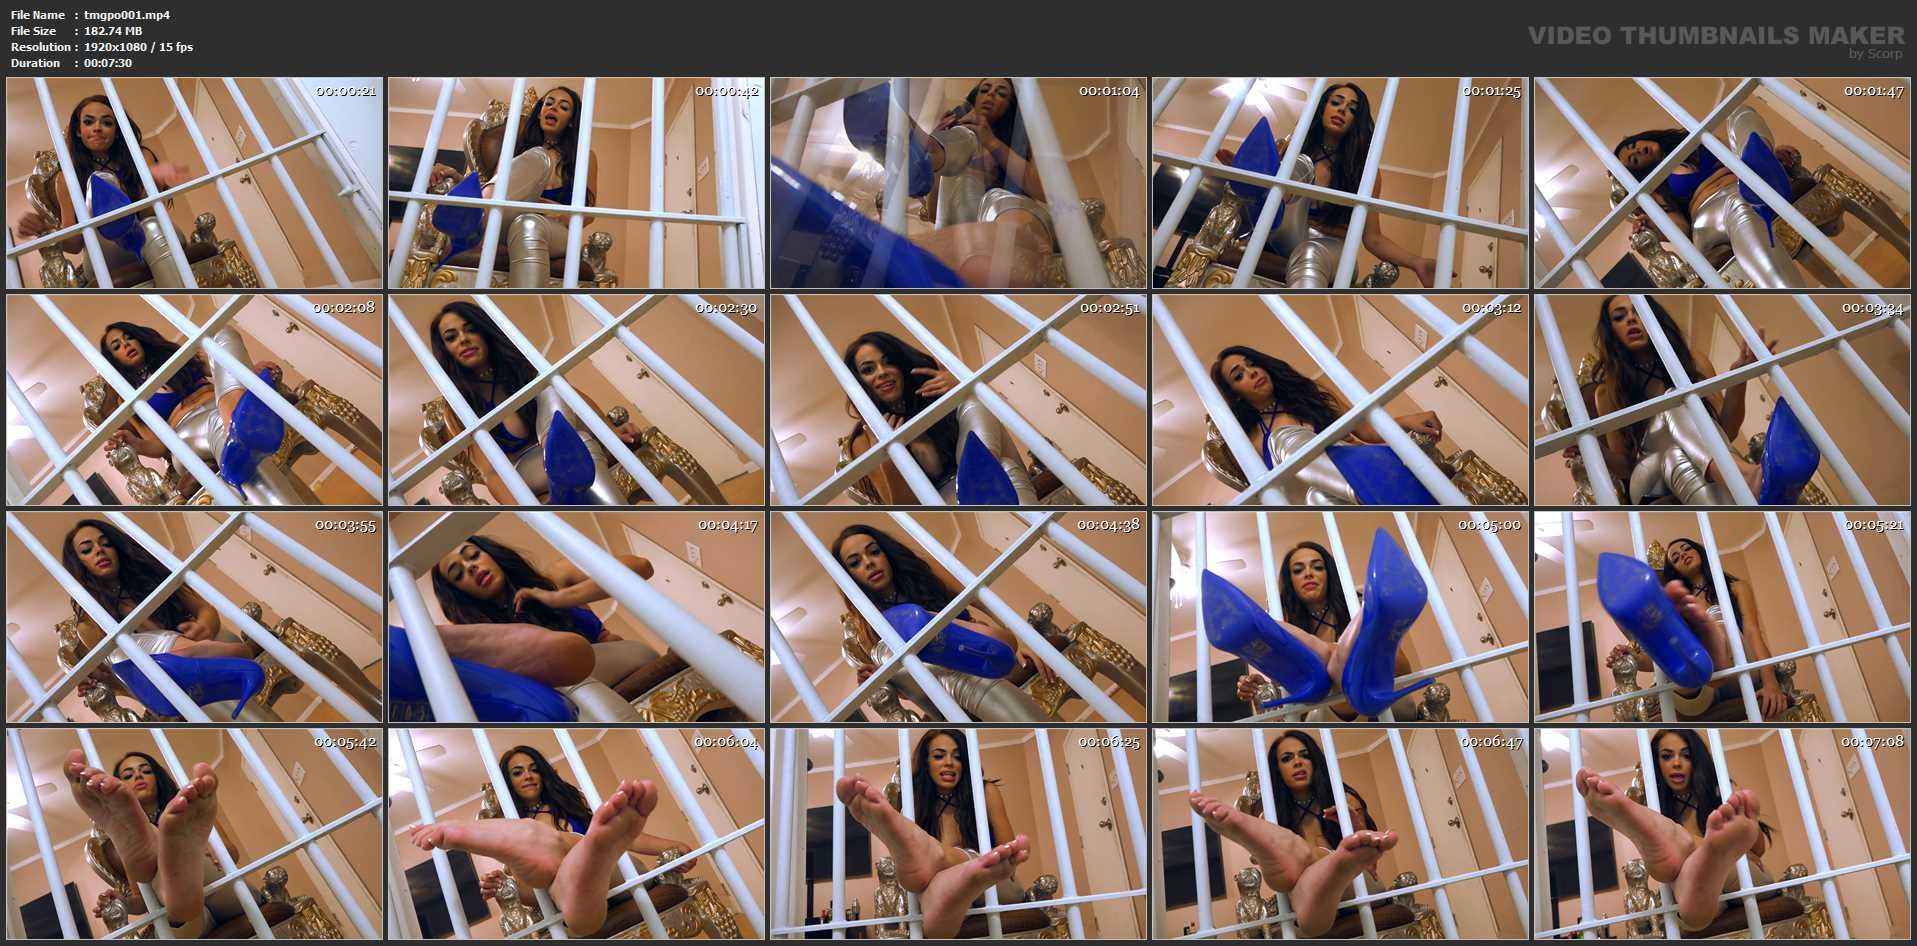 Princess Carmela In Scene: Jail All Men - THE MEAN GIRLS POV - FULL HD/1080p/MP4